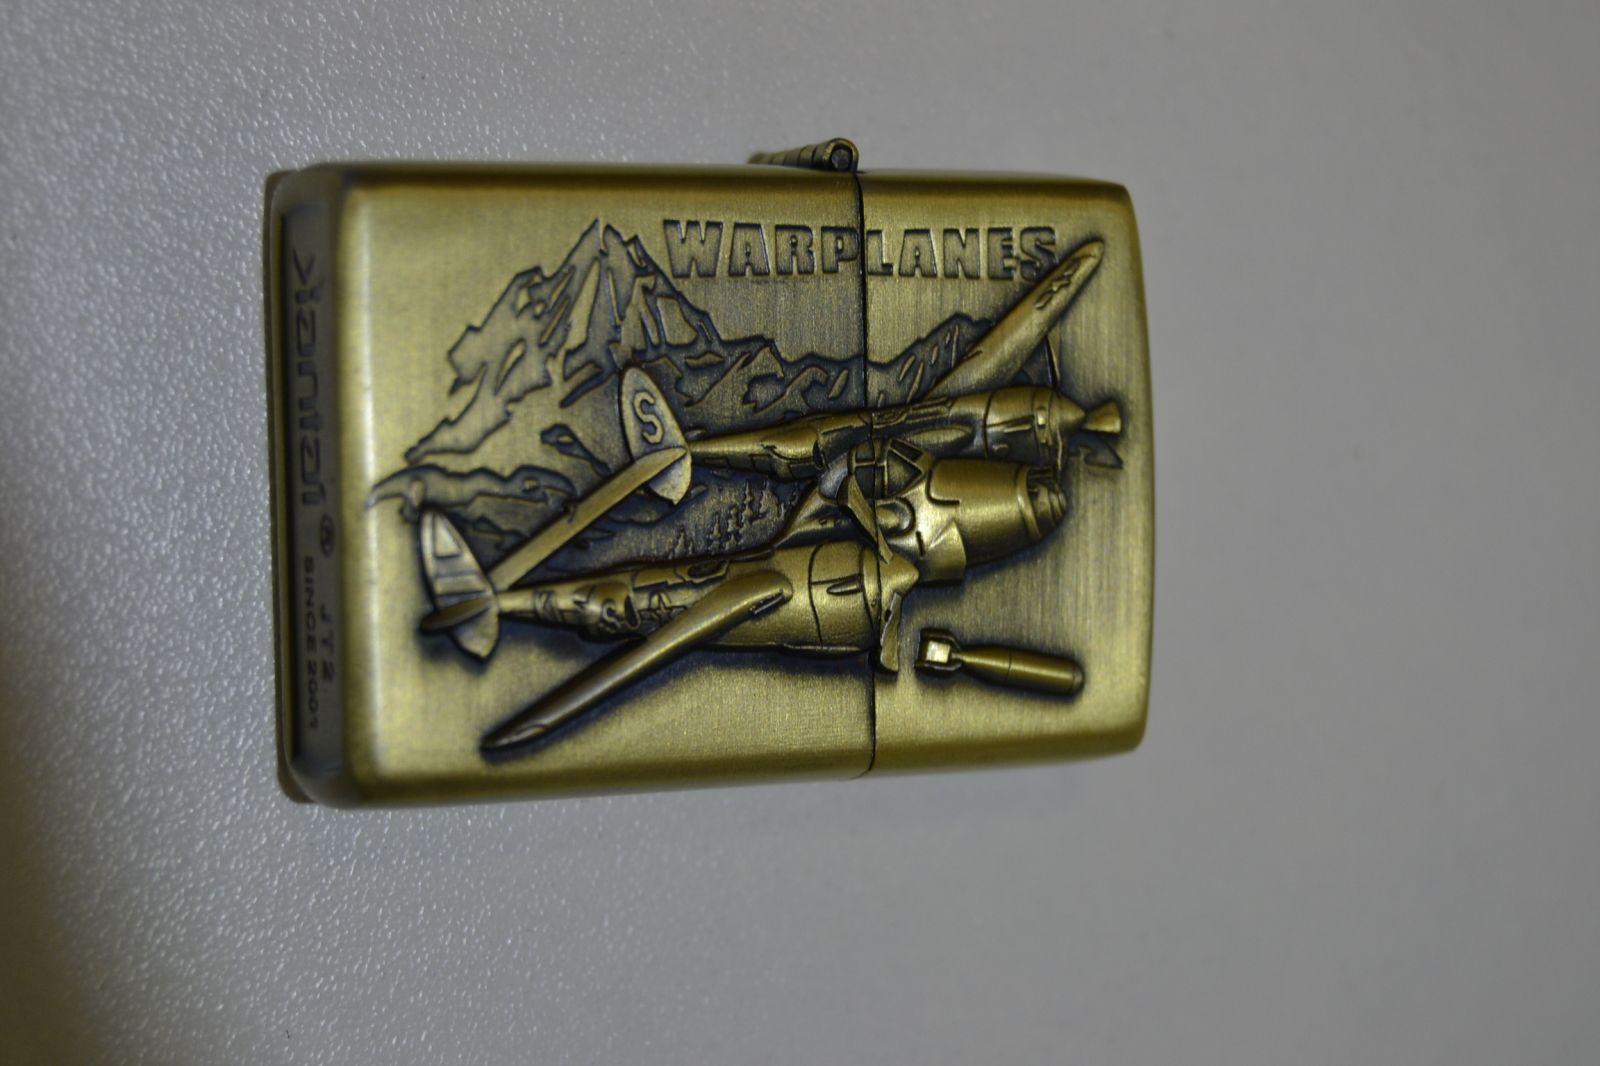 Benzínový zapalovač č. 76 war planes - letadlo